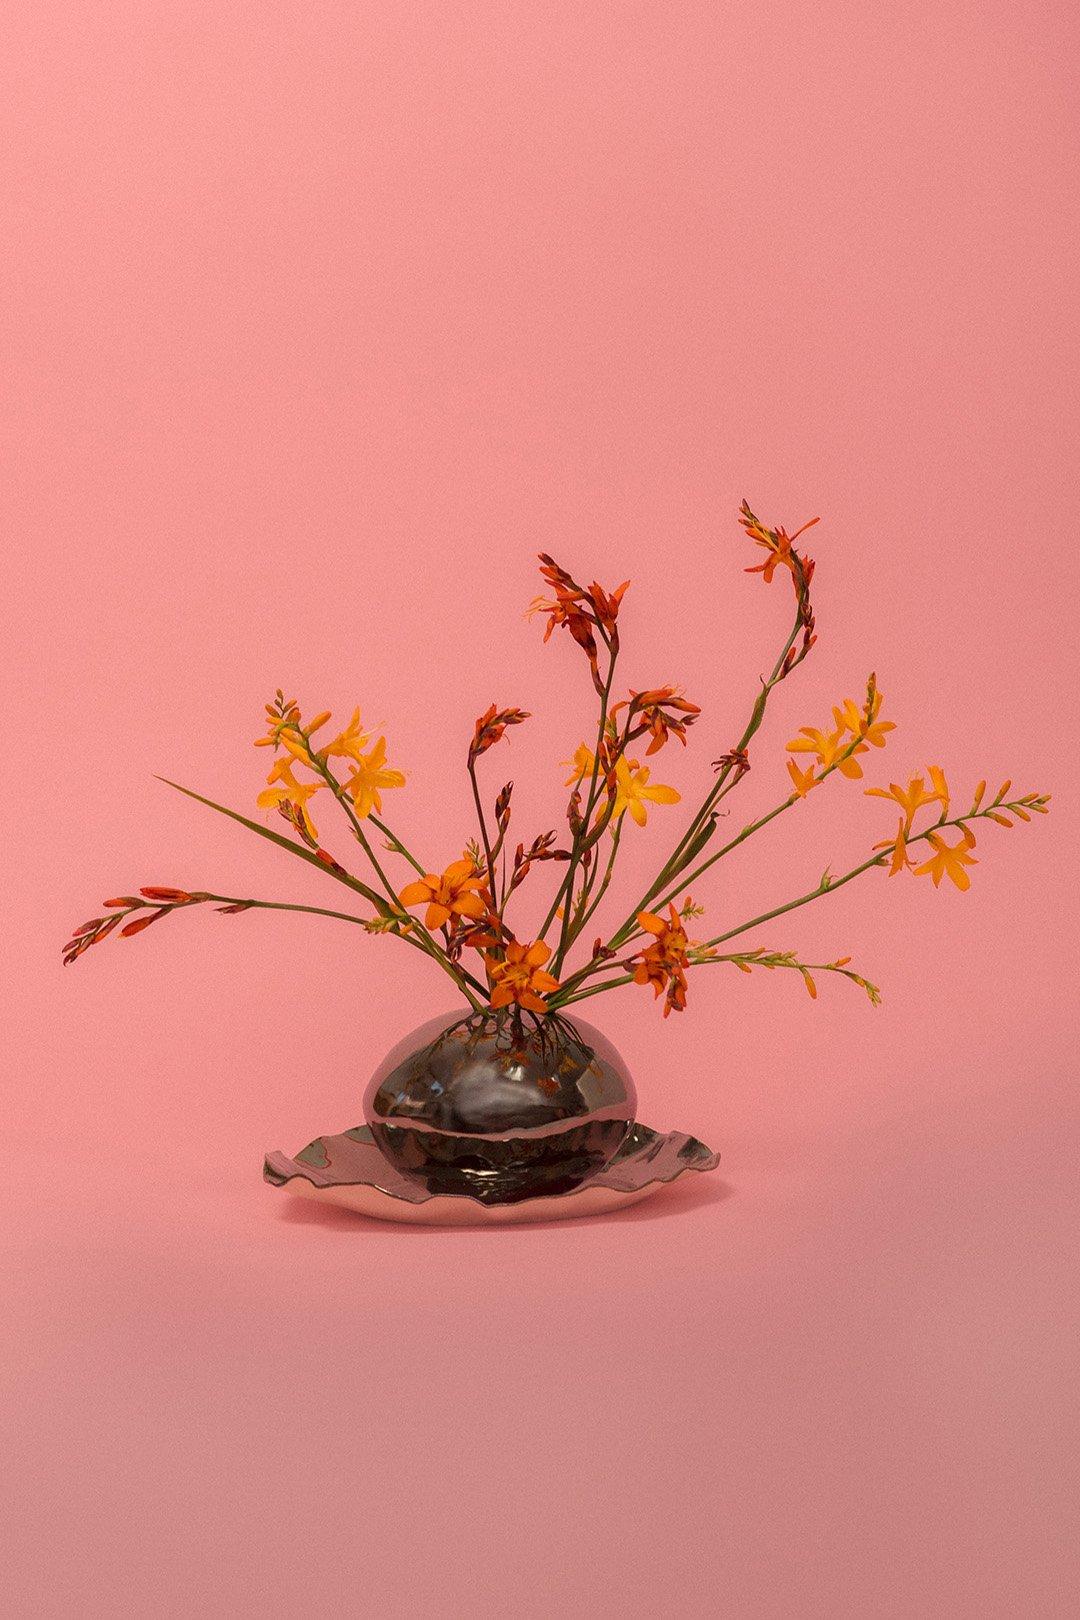 nathaleepaolinelli-vase-project-florist-03